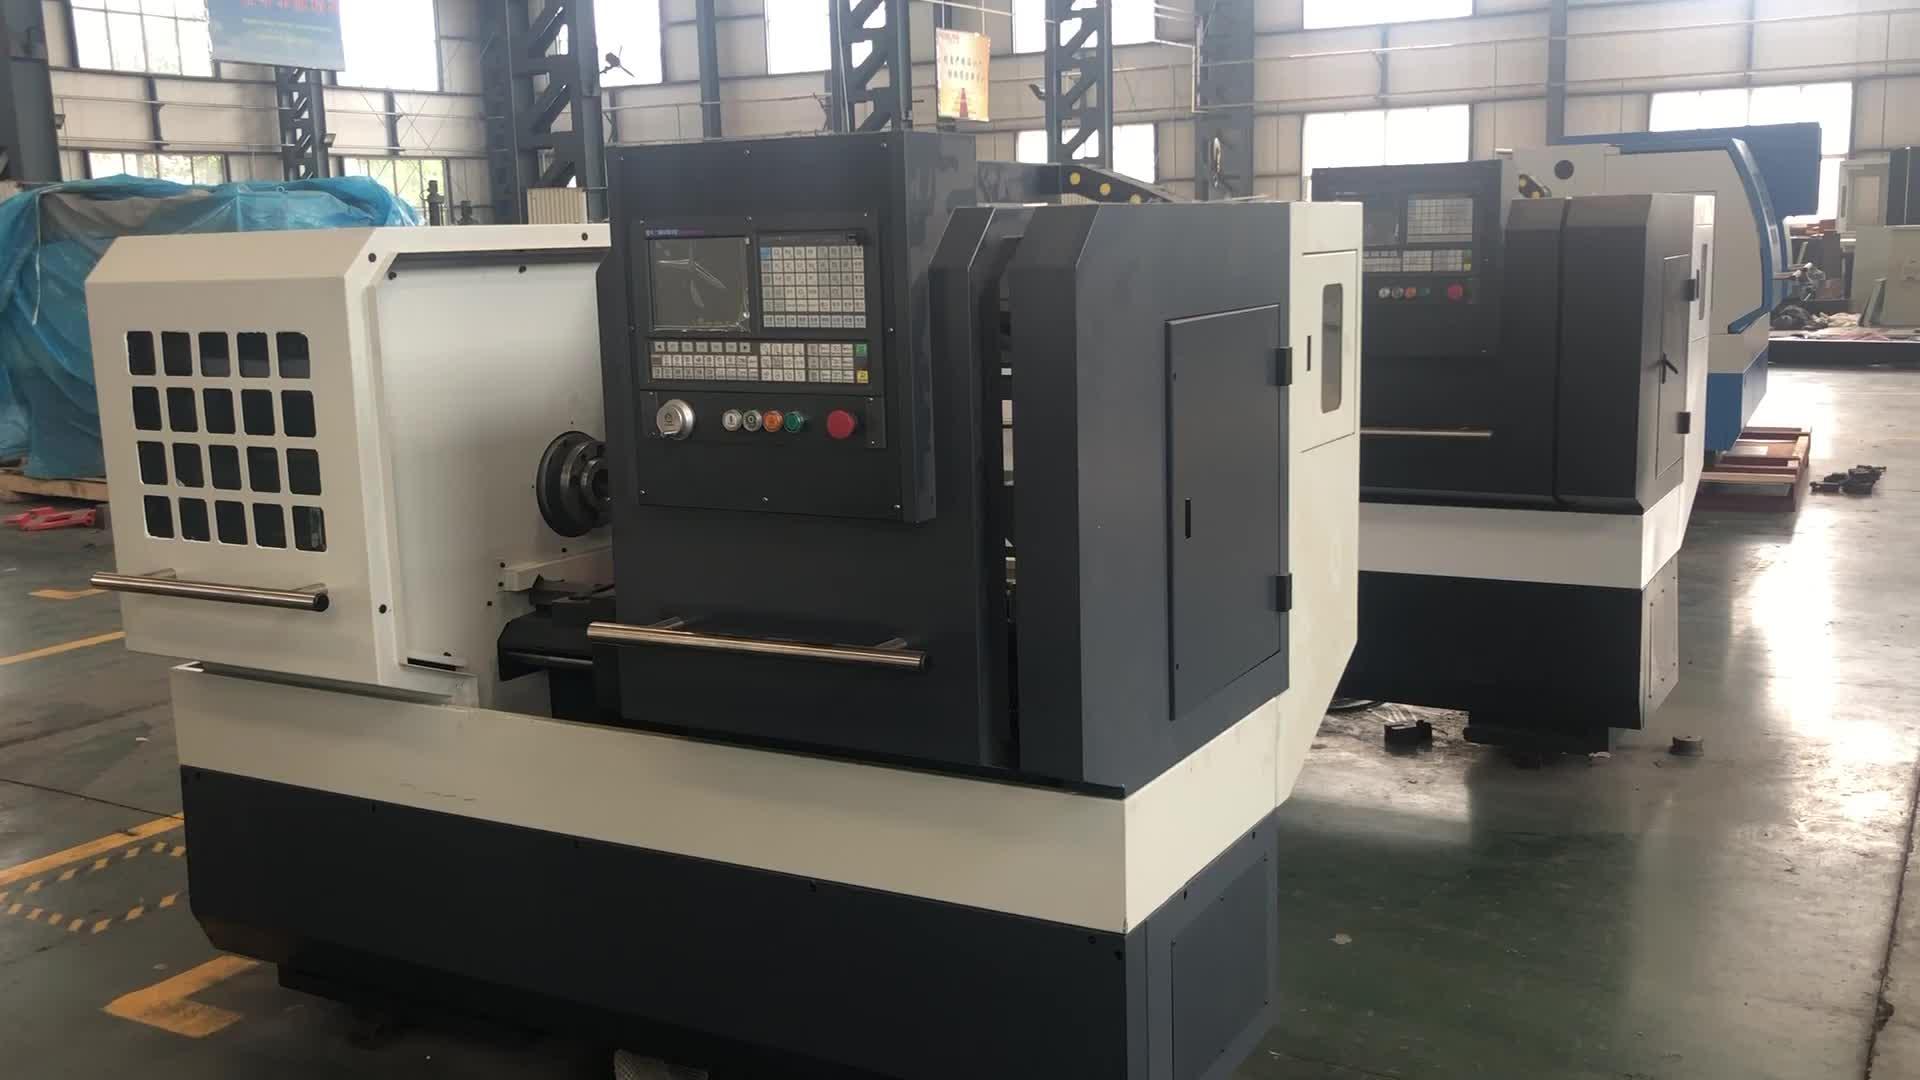 CNC draaibank fanuc CK6136 mini cnc draaibank machine